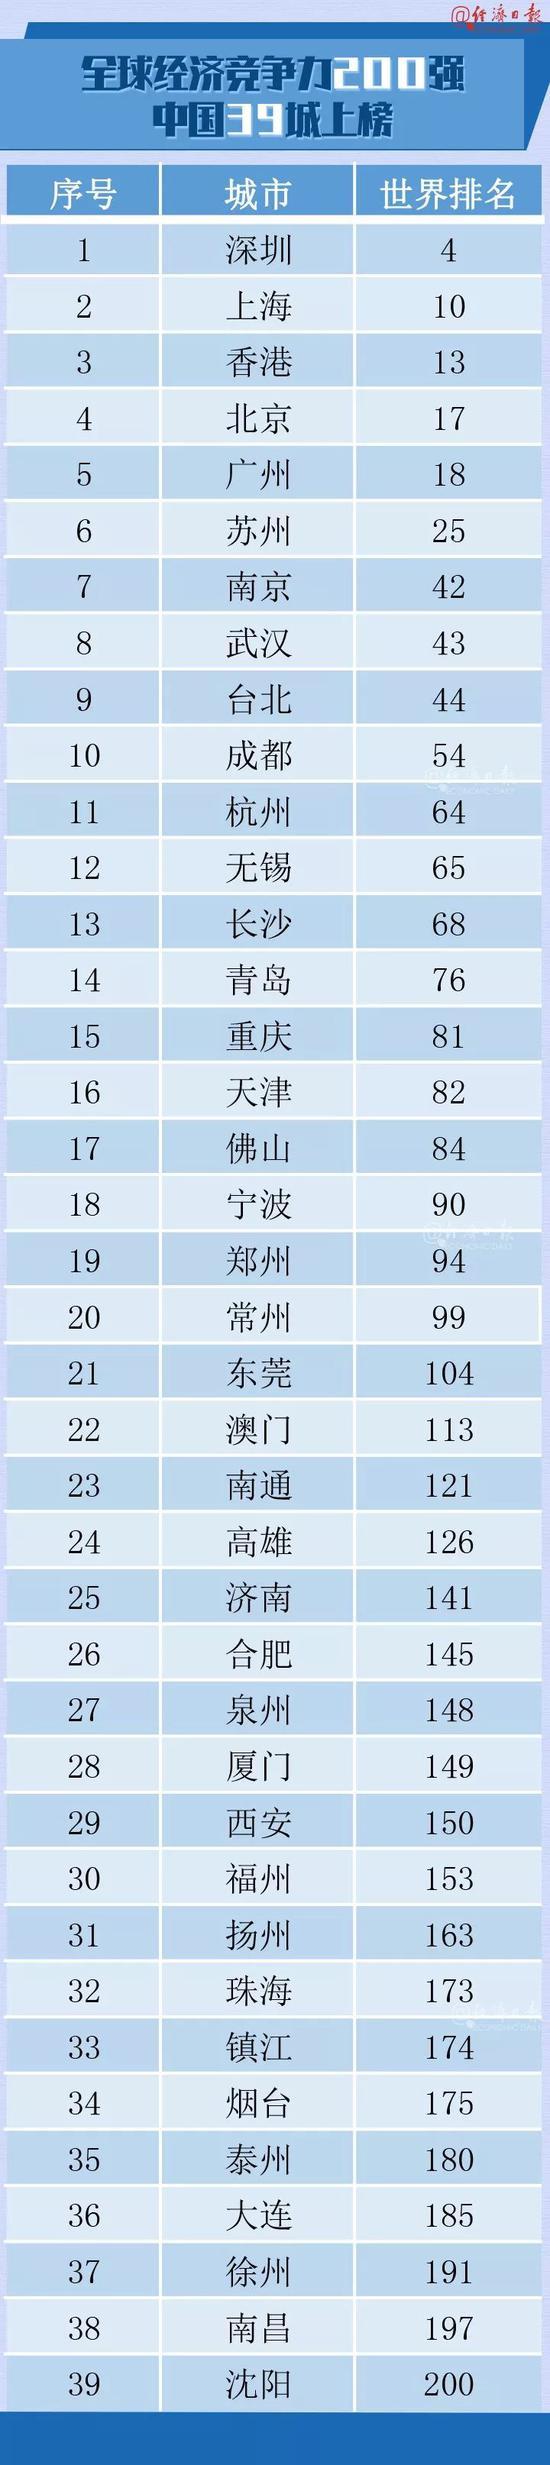 全球城市競爭力榜單出爐 最具競爭力的城市是這座 北京 上海 城市